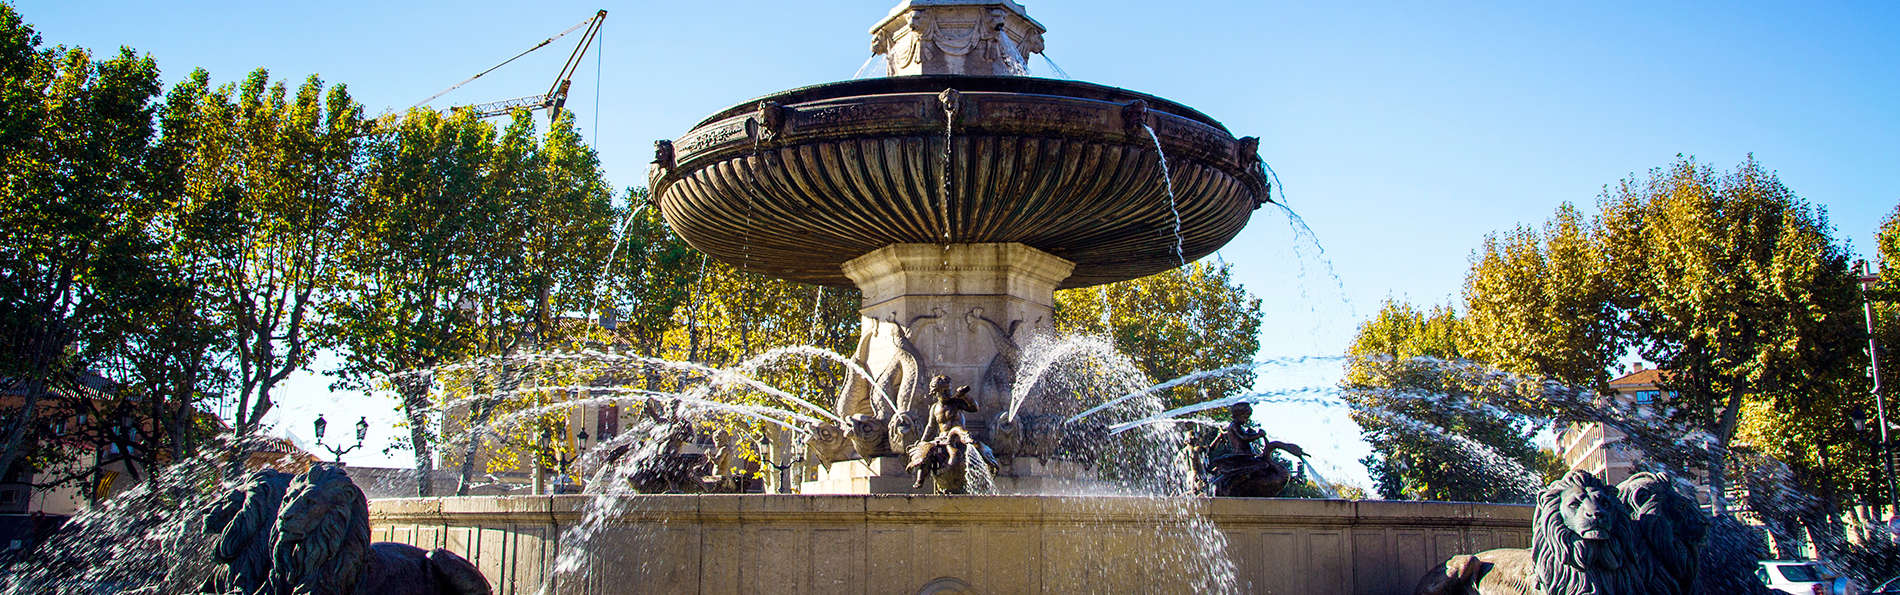 Découvrez les charmes d'Aix-en-Provence